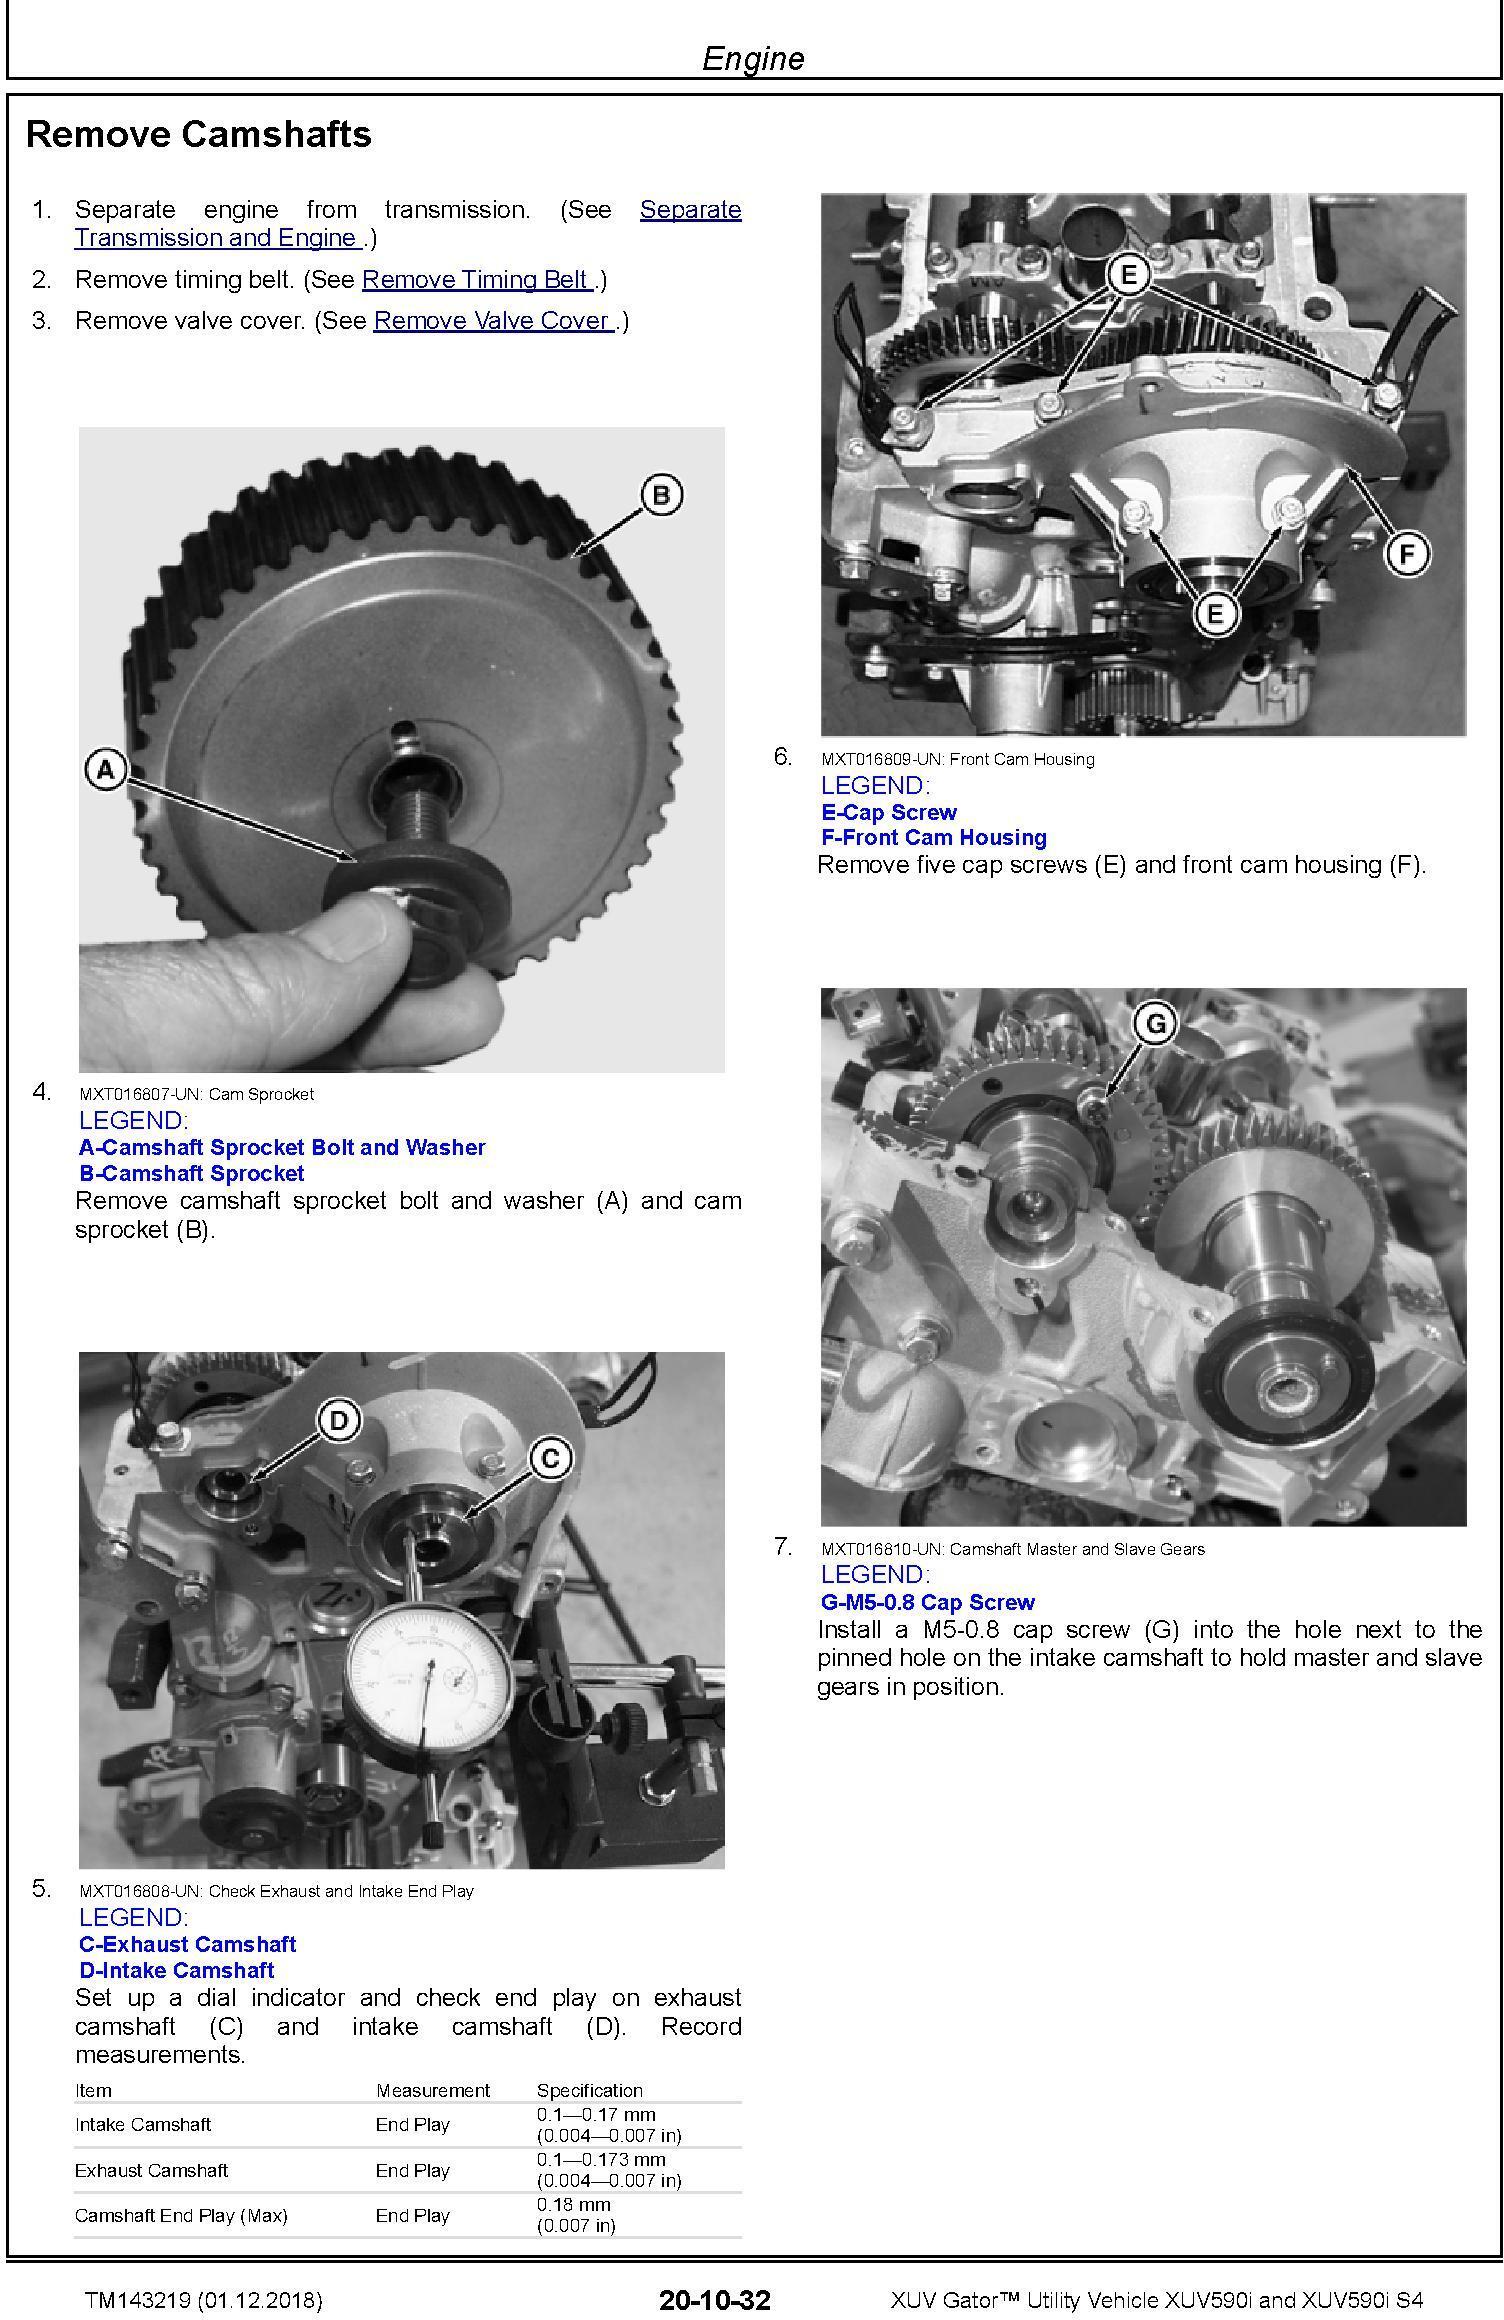 John Deere XUV Gator Utility Vehicle XUV590i, XUV590i S4 (SN.010001-) Diagnostic Manual (TM143219) - 2